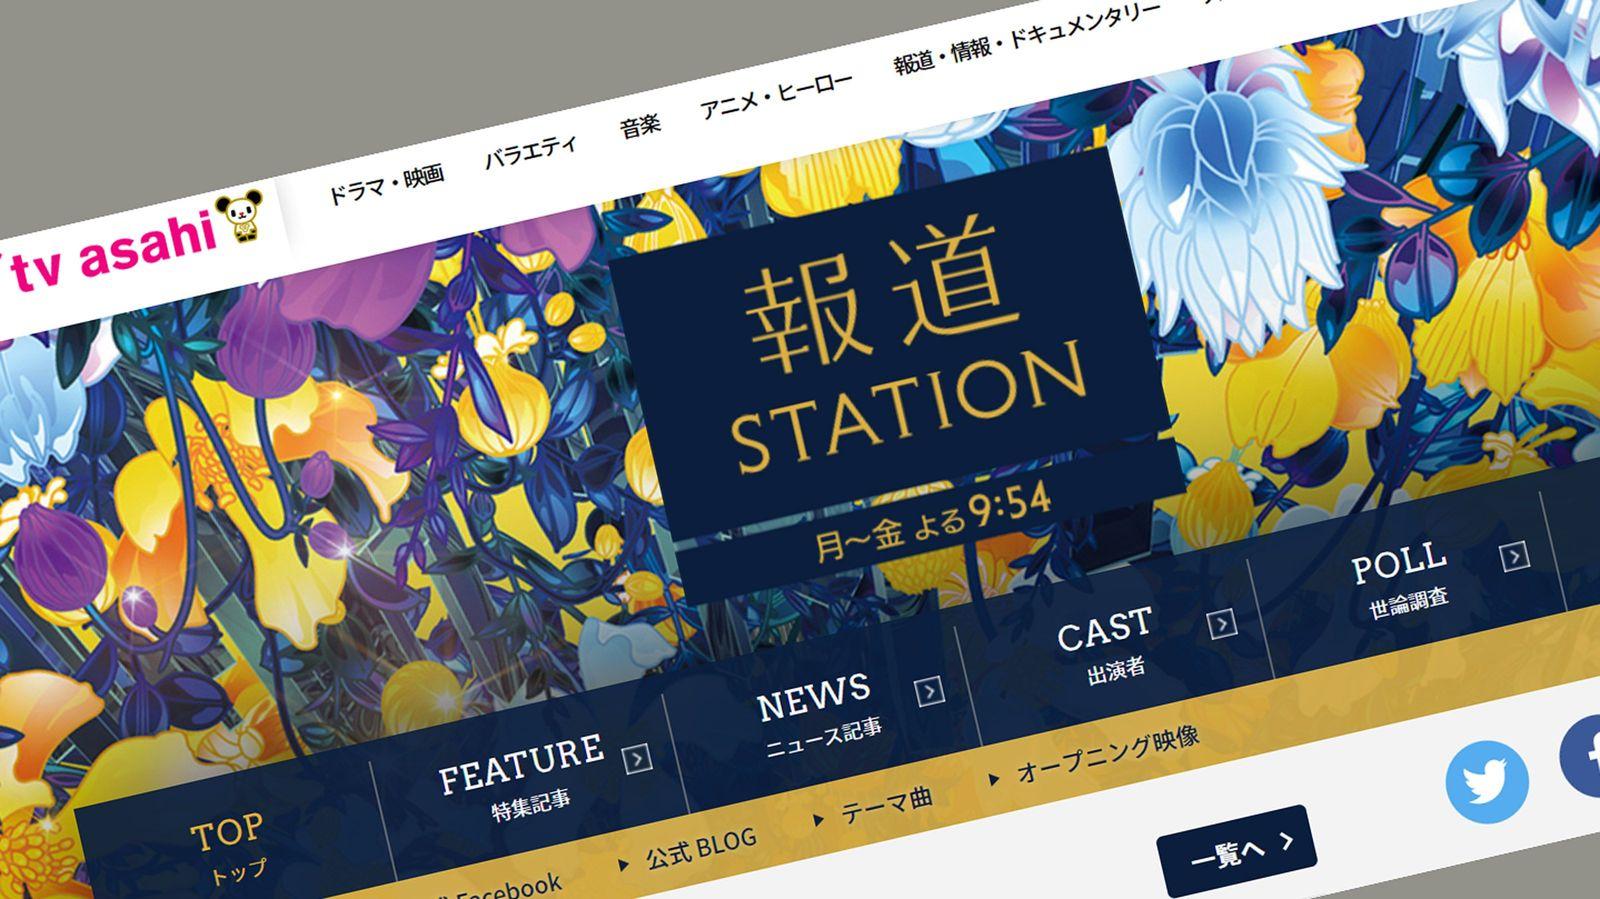 報ステから姿を消した富川アナと「賭けマージャン記者3人」の共通点 その行動は常識から外れていないか